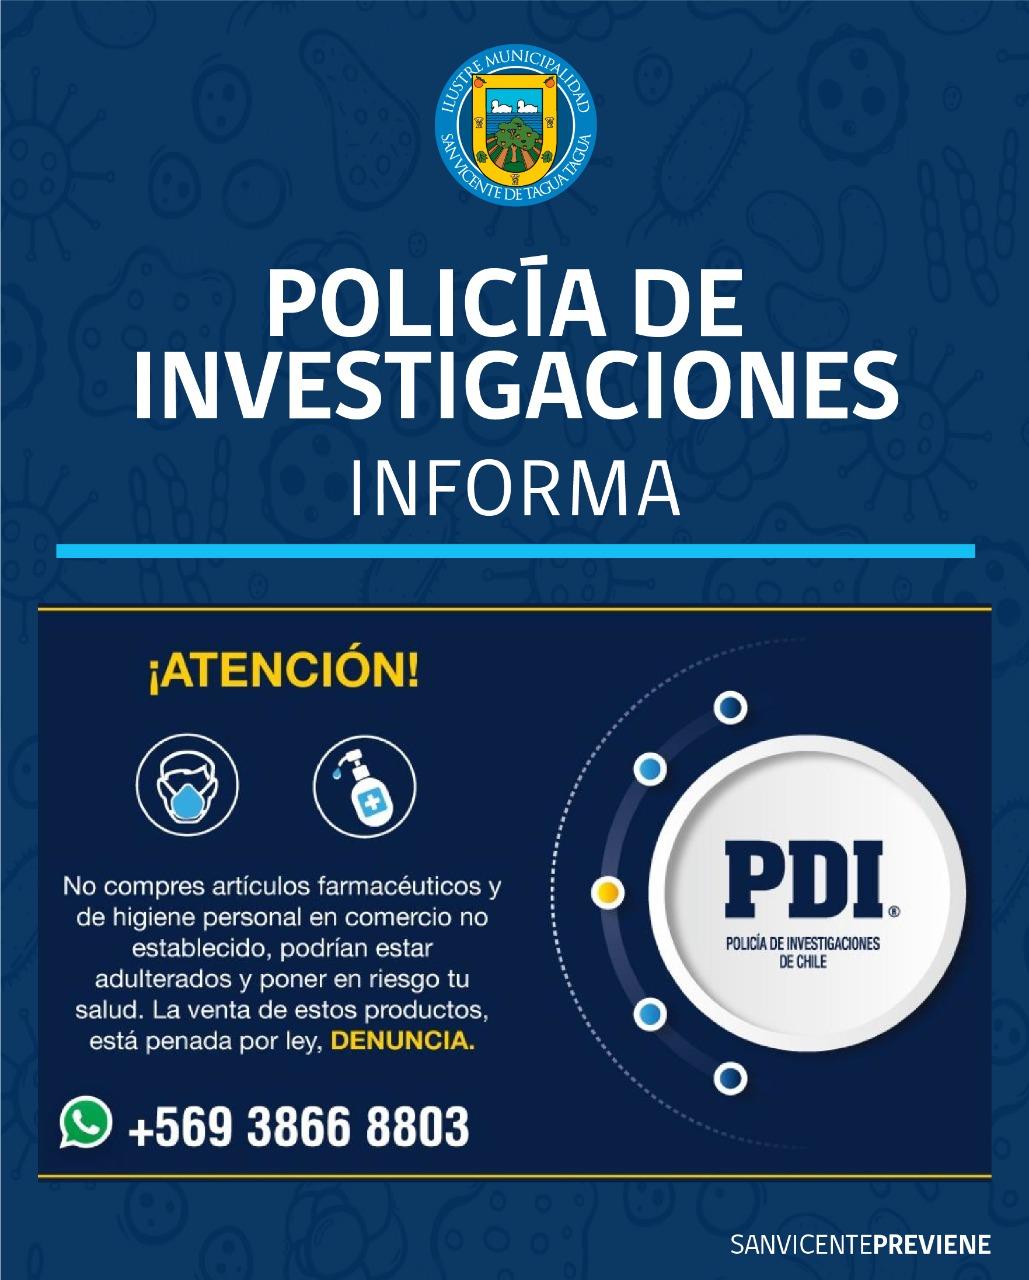 POLICÍA DE INVESTIGACIONES (PDI) INFORMA